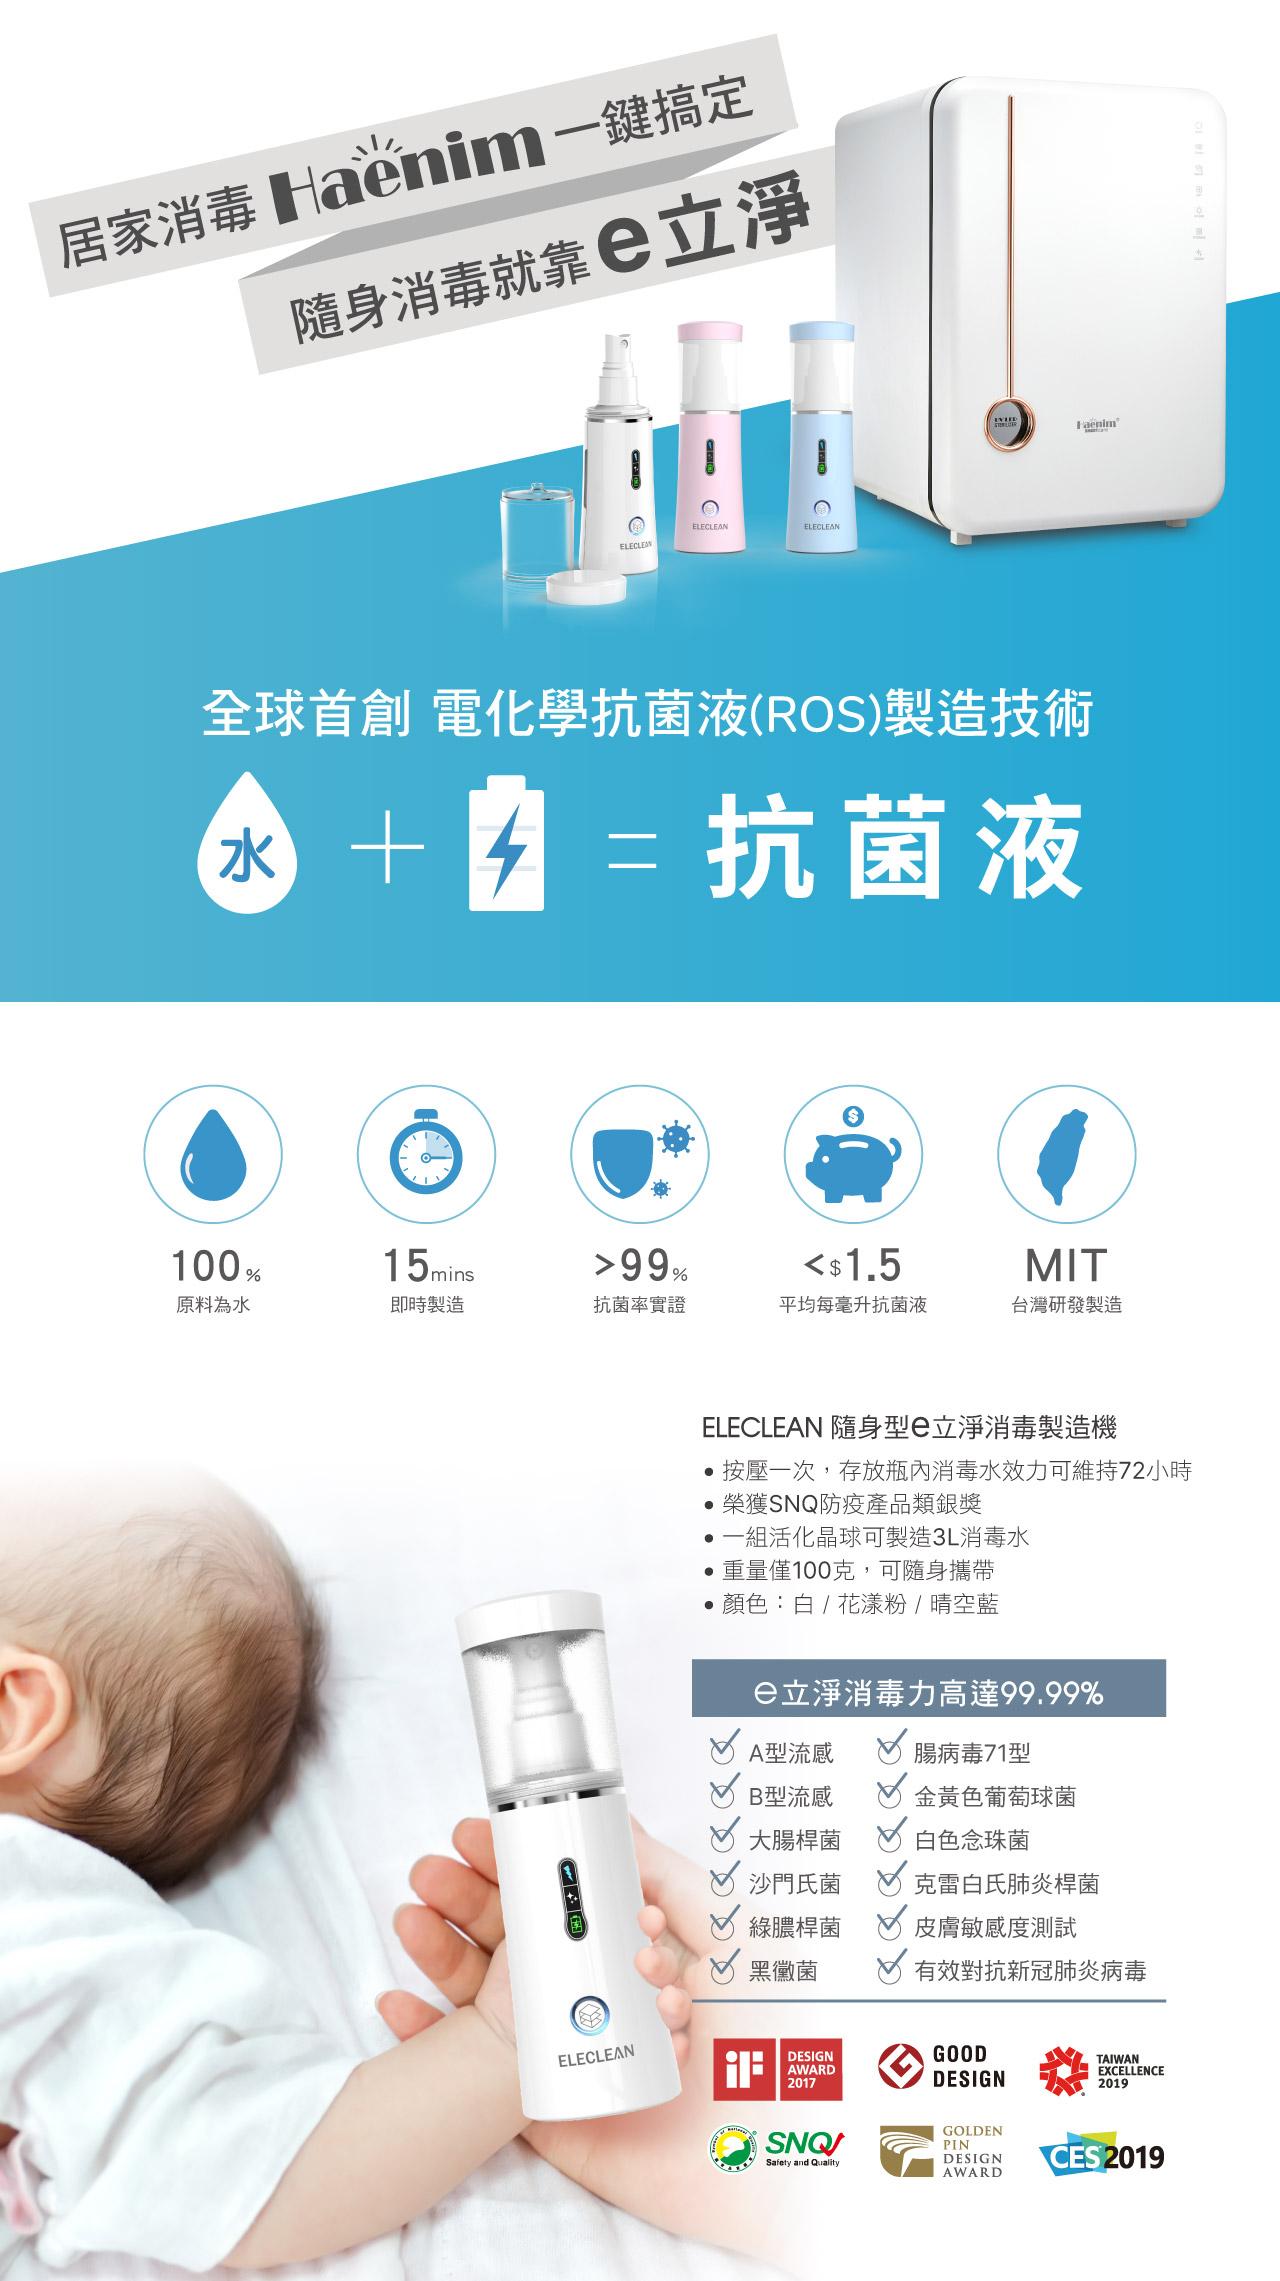 e立淨-全球首創電化學抗菌液製造技術